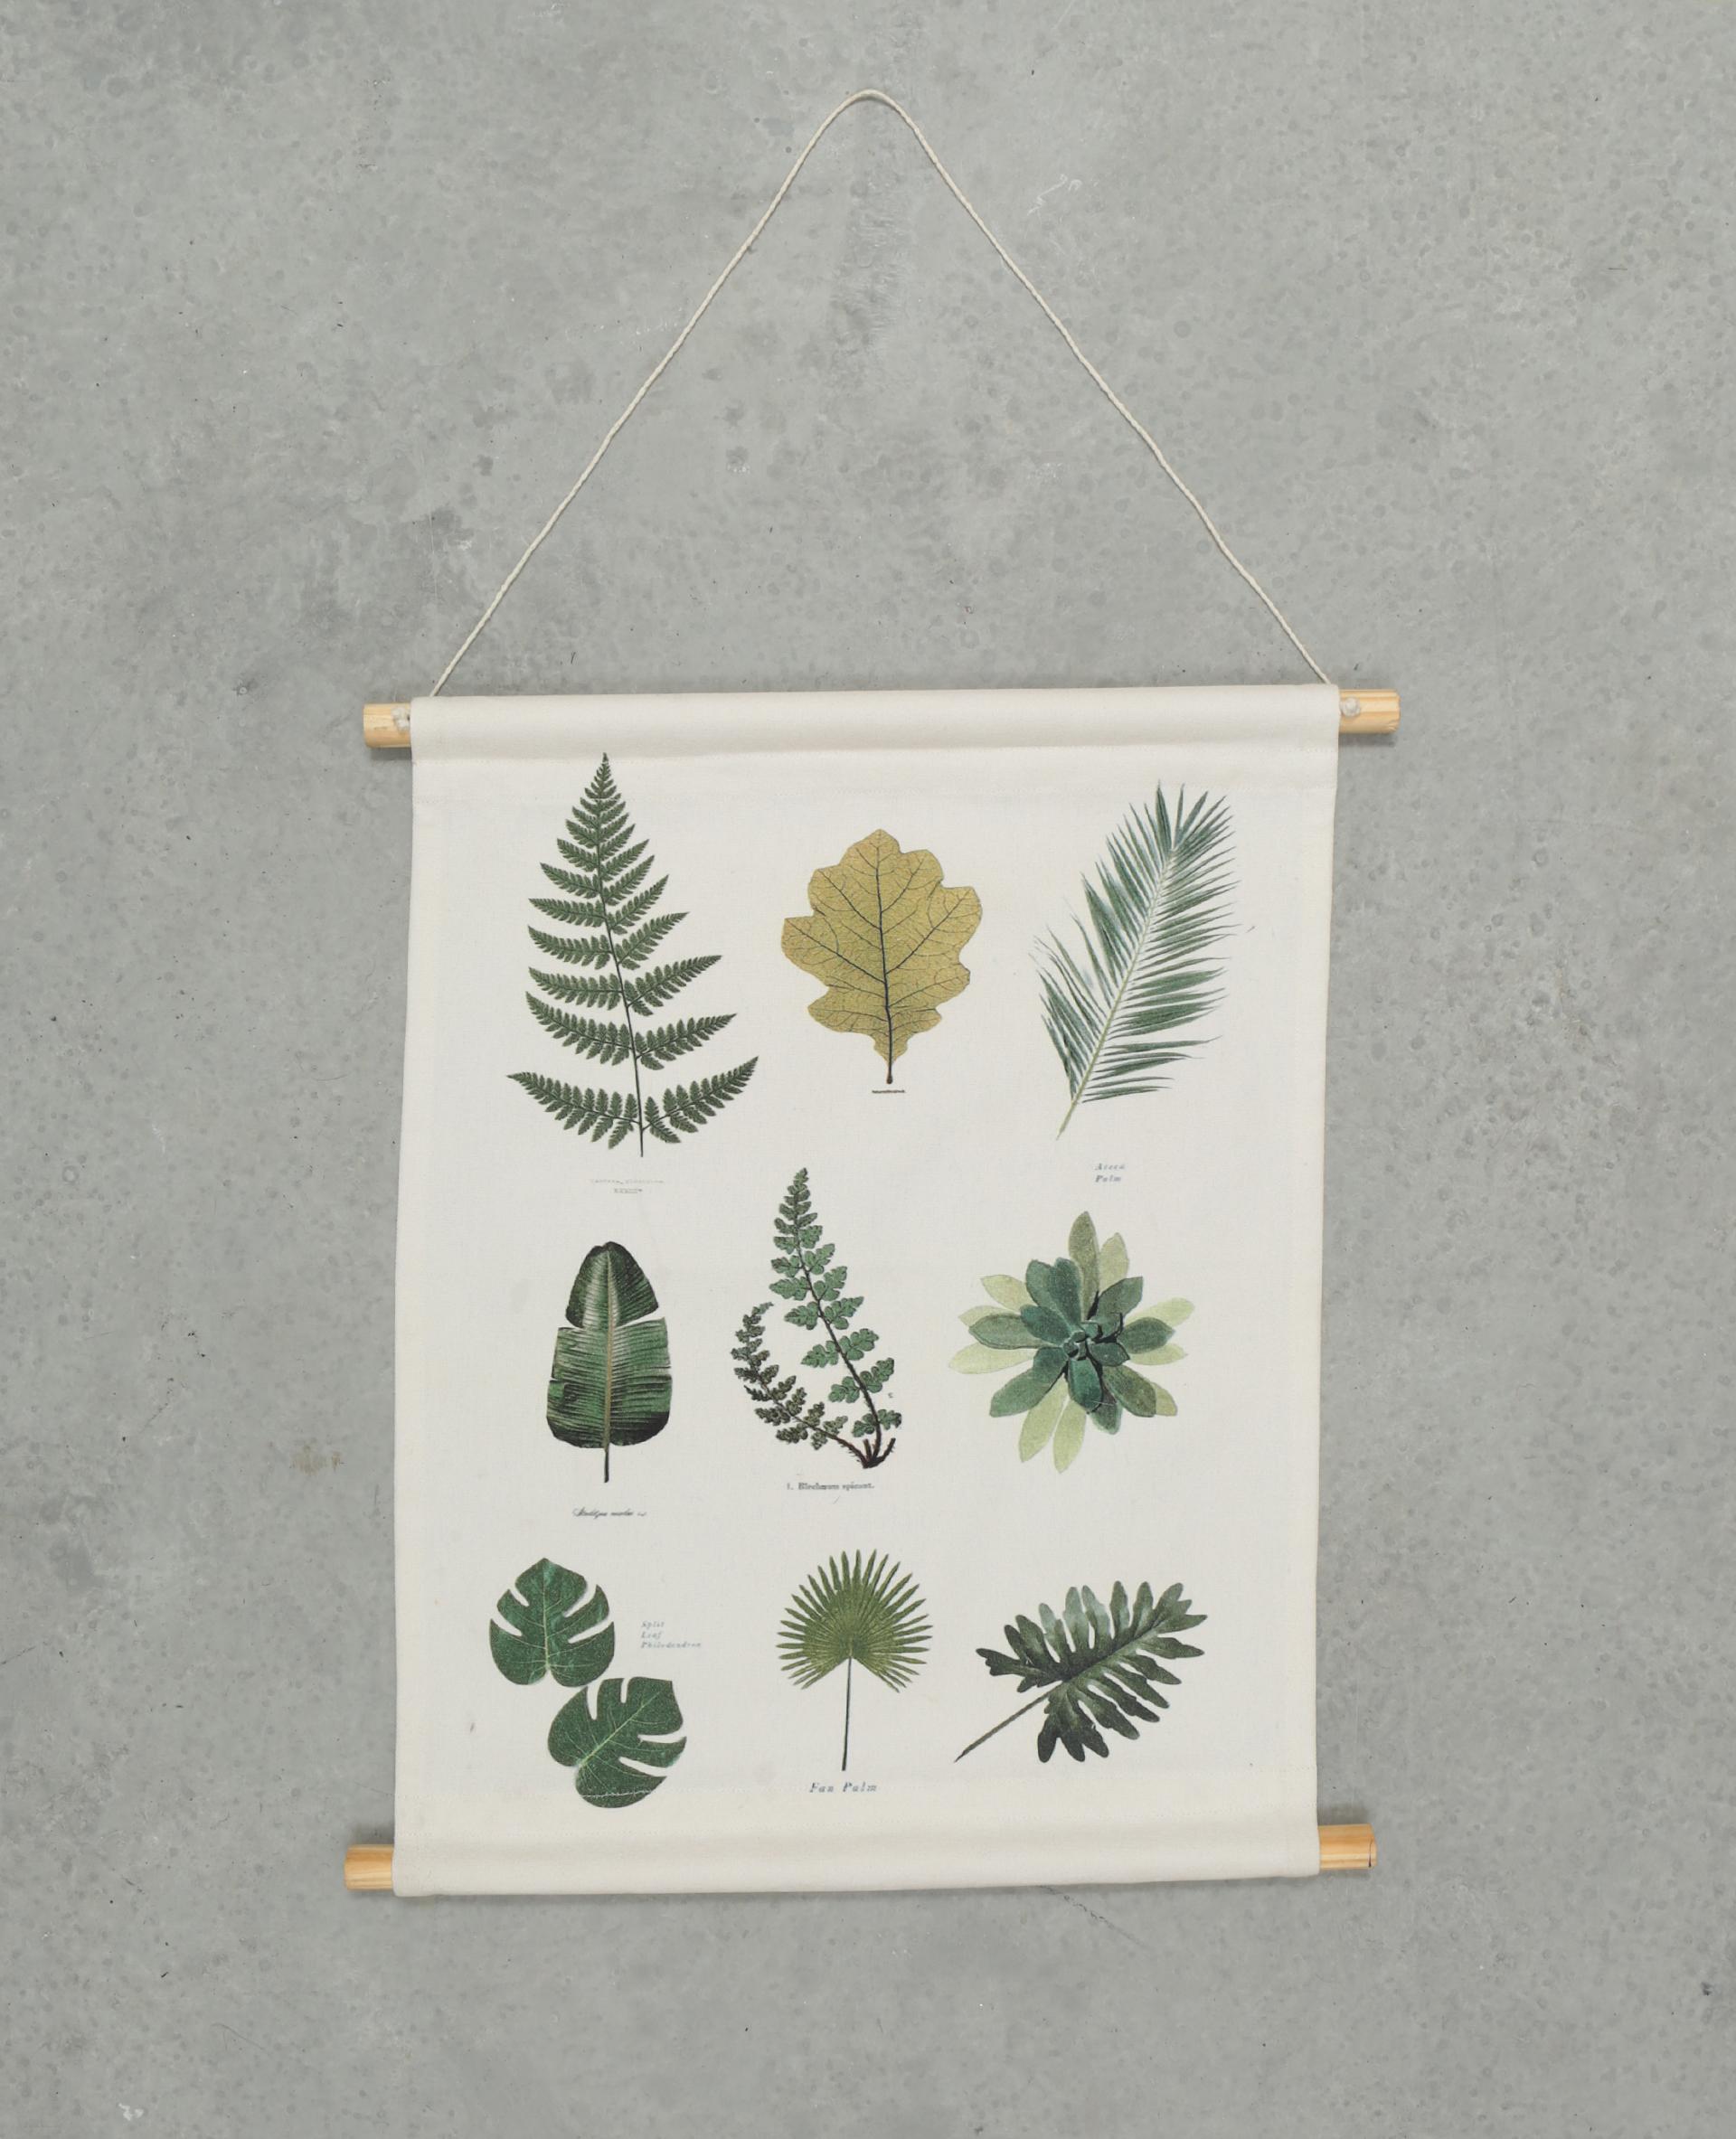 Panneau mural imprimé écru - Pimkie